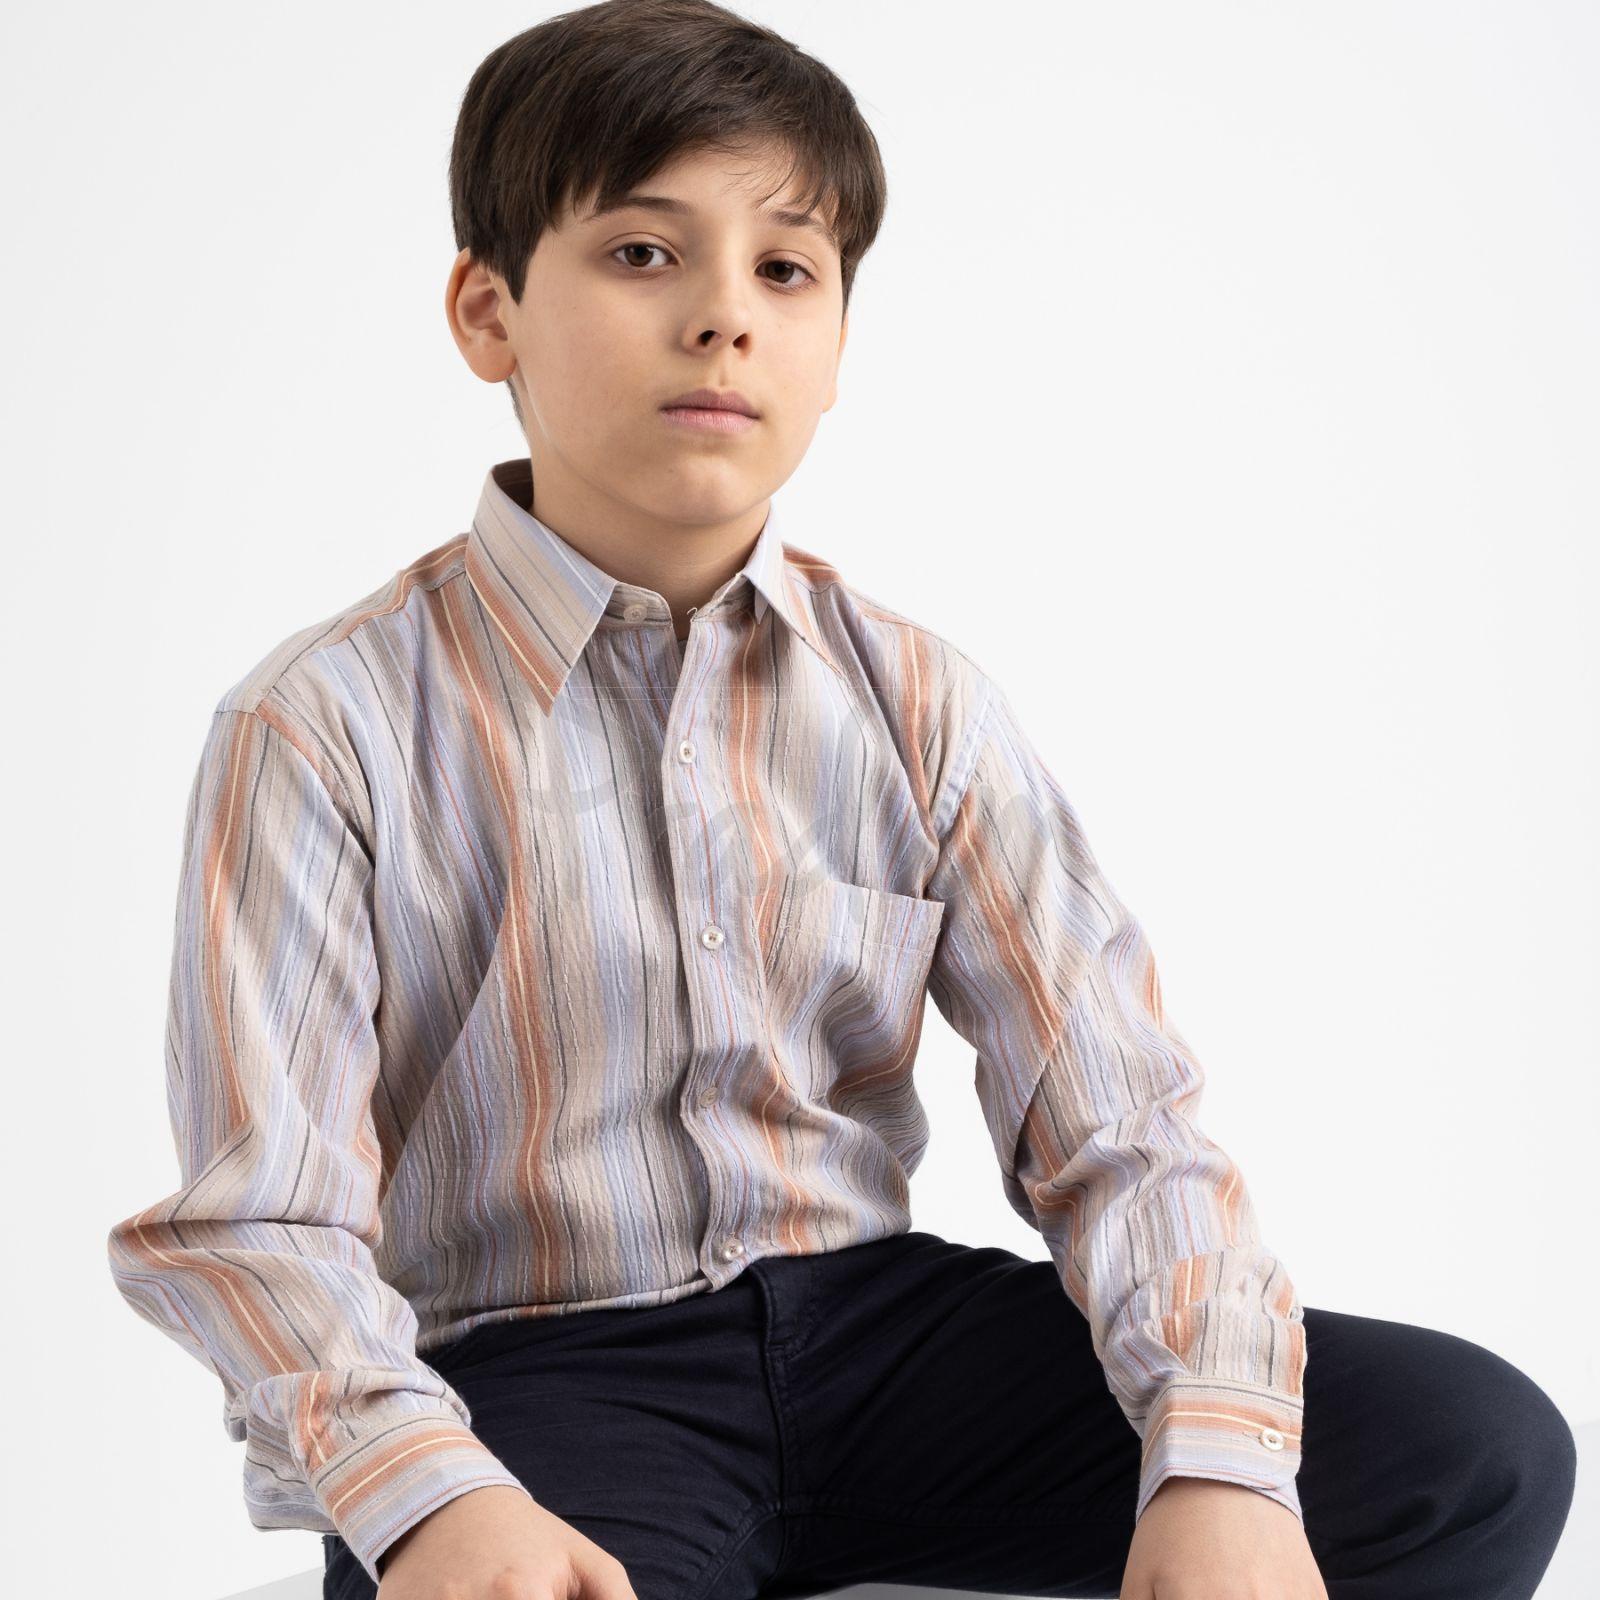 1906 Boston Public бежевая рубашка в полоску на мальчика 7-15 лет (5 ед. размеры: 30/31.32/33.33/34.34/35.35/36)